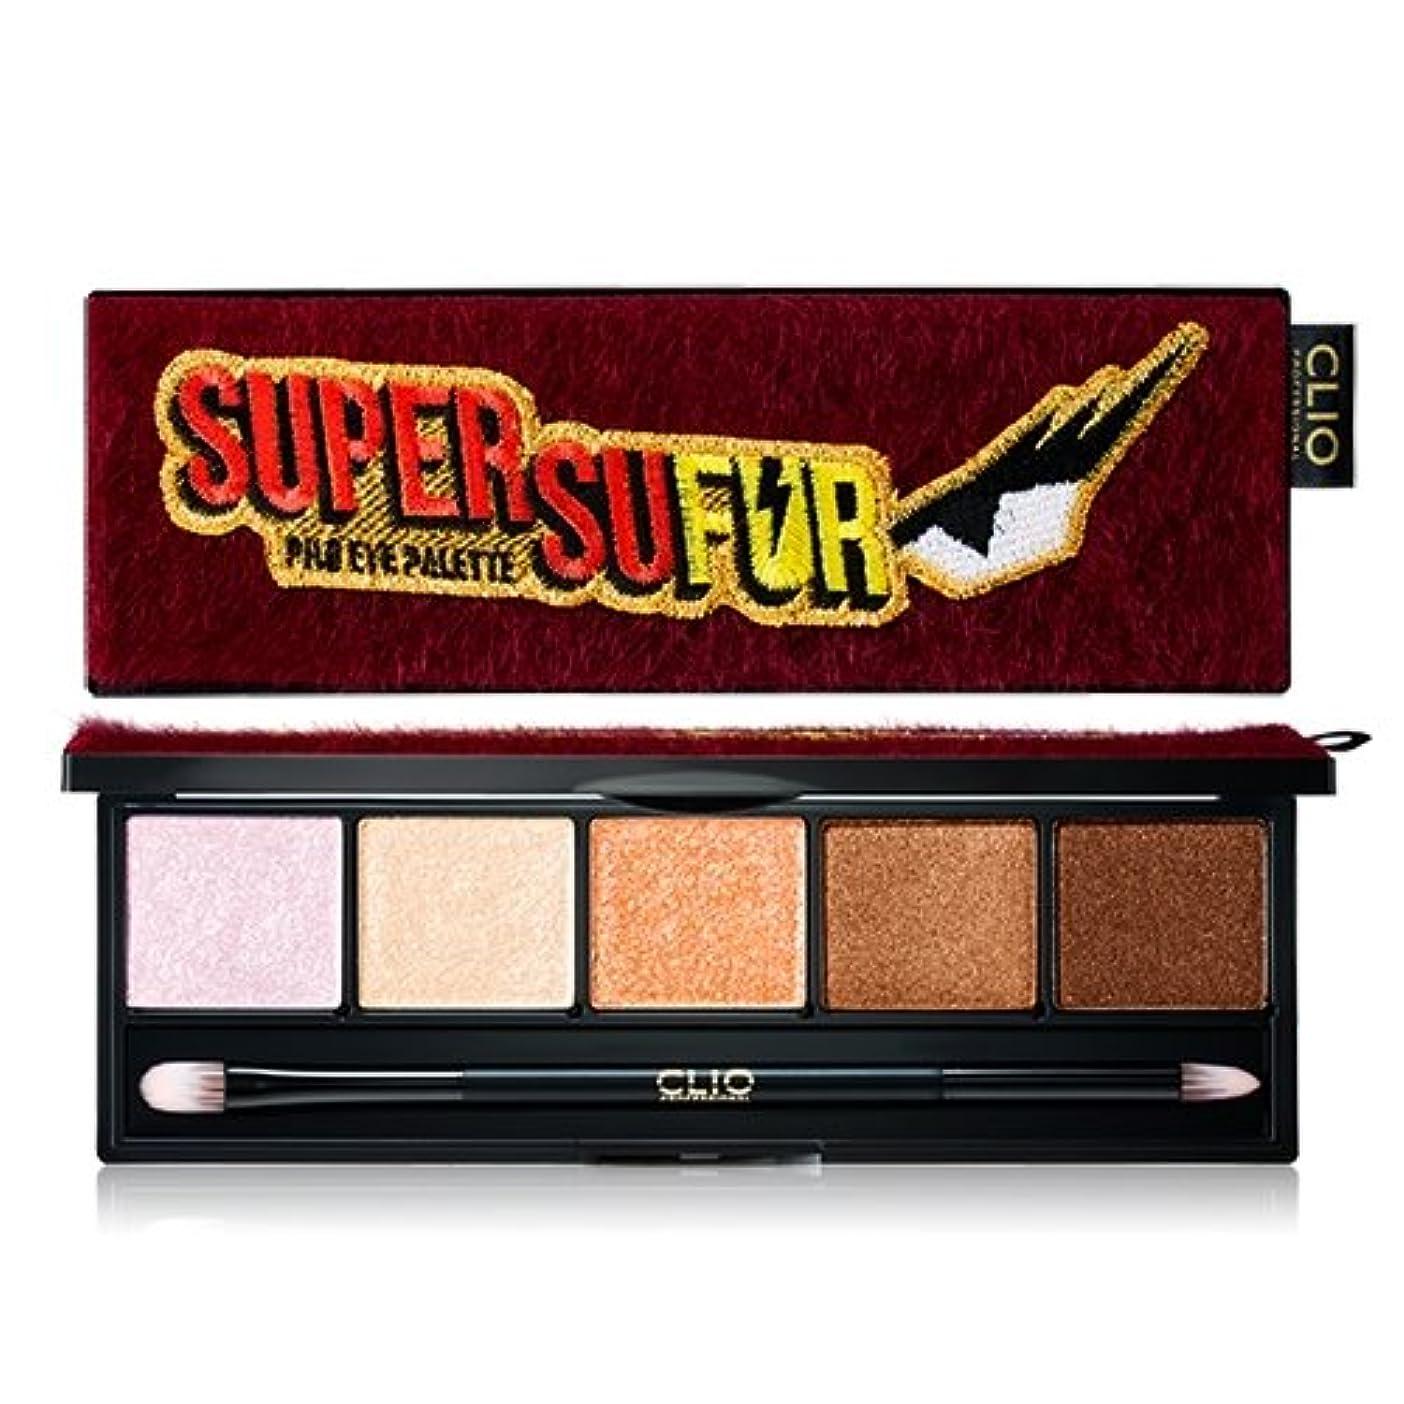 人生を作る知るふつうCLIO Super Sufur Pro Layering Eye Palette 01.SUPER SUFUR [Limited Edition]/ クリオ スーパースーパープロレイヤ アイパレット [並行輸入品]